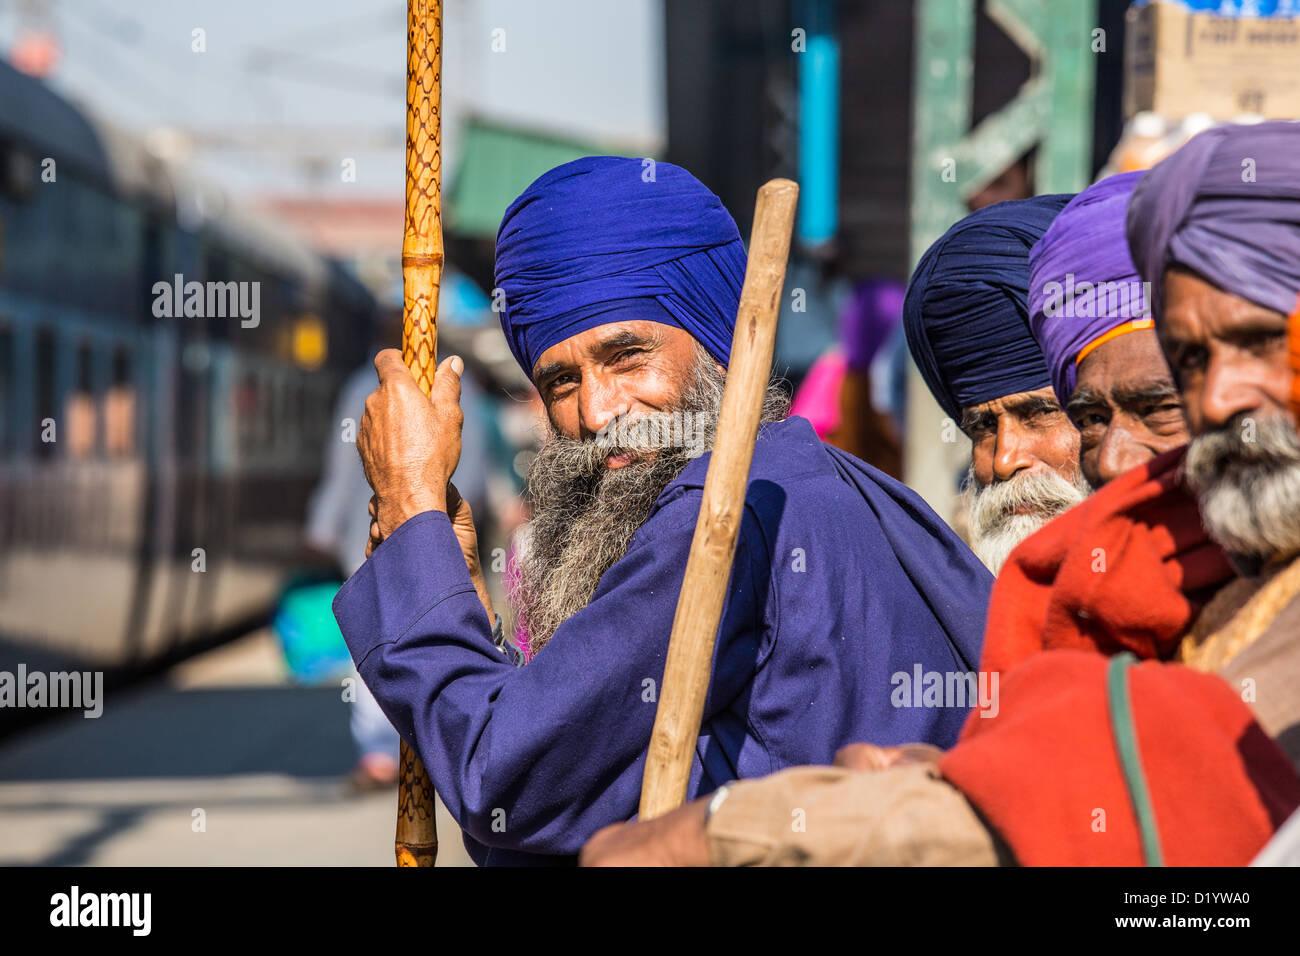 La religione sikh uomini presso la Stazione Ferroviaria di New Delhi, Delhi, India Immagini Stock